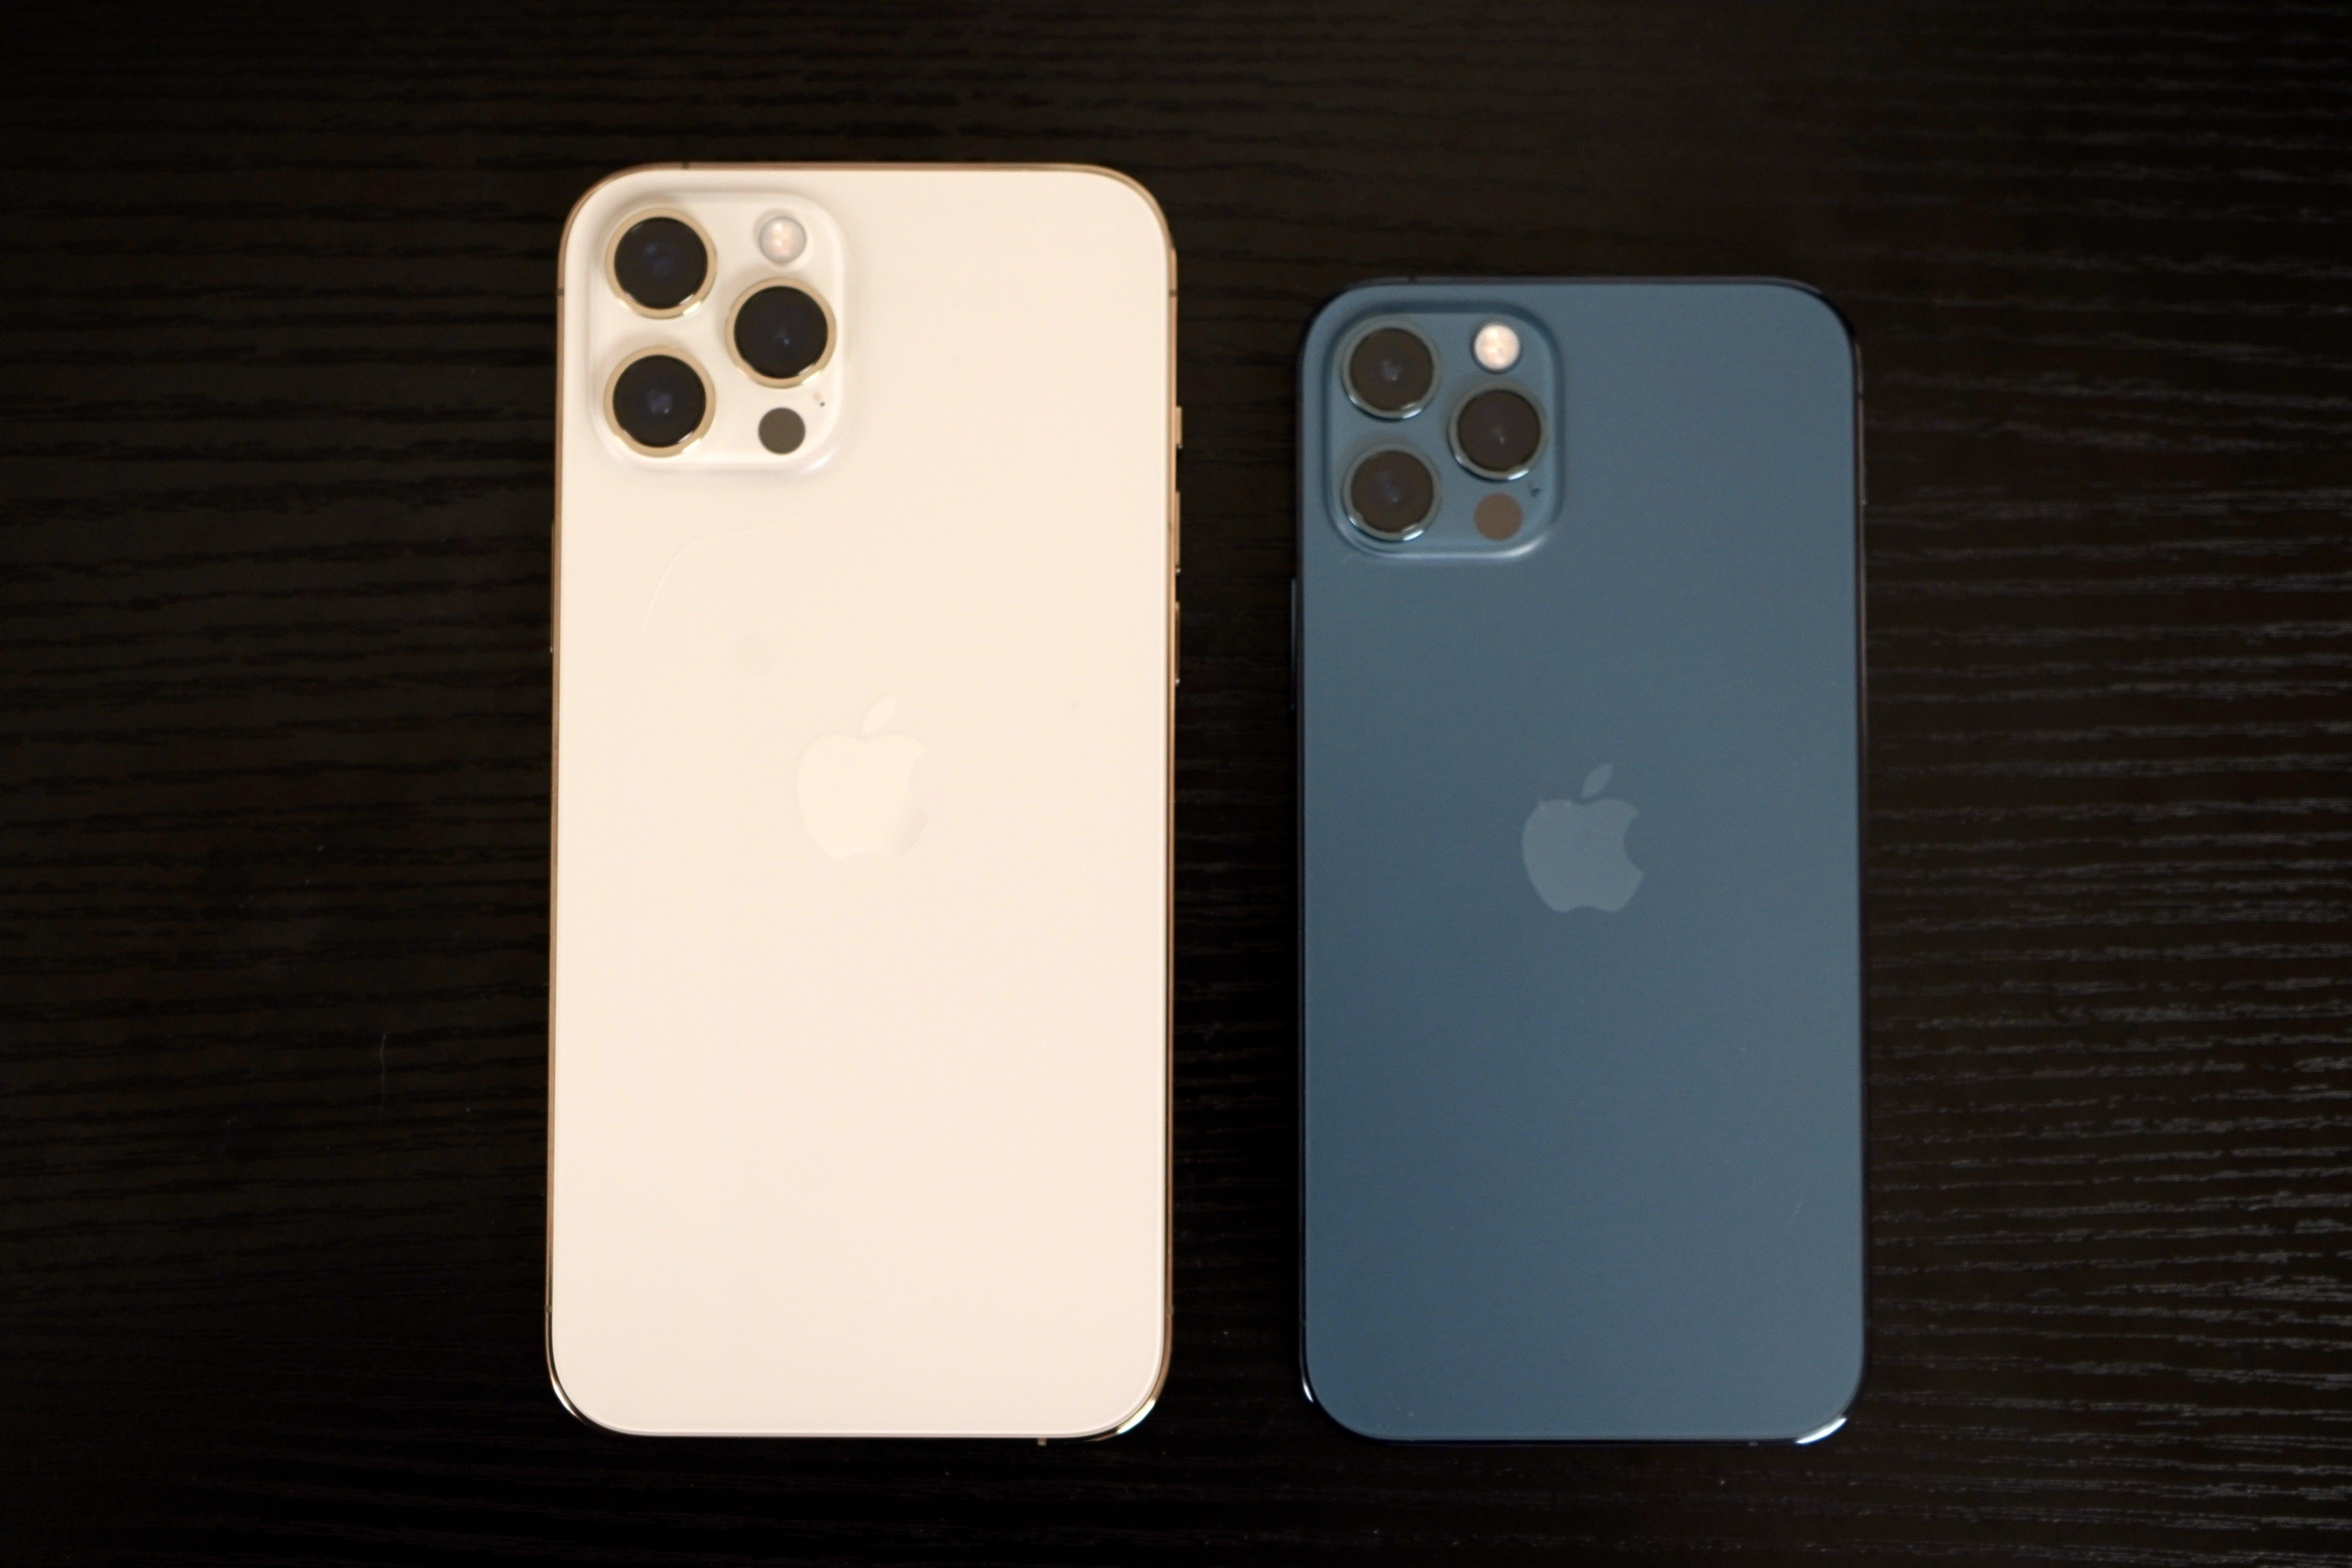 iPhone 12 Pro Max review: Max display, max battery, max camera